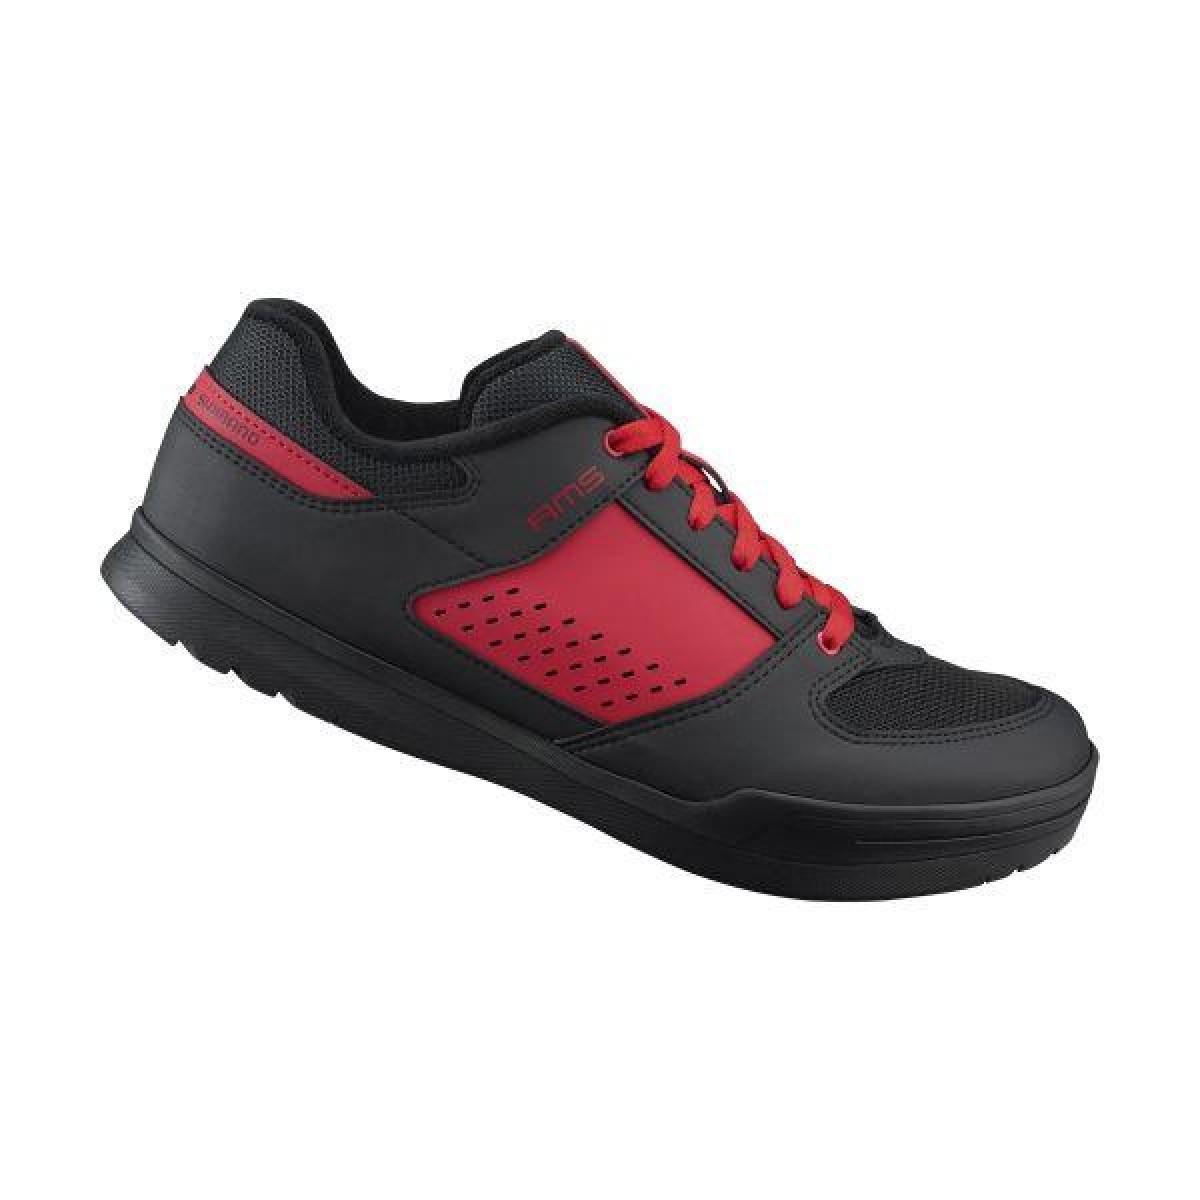 Shimano gravity obuv SH-AM501MR, červená, 42